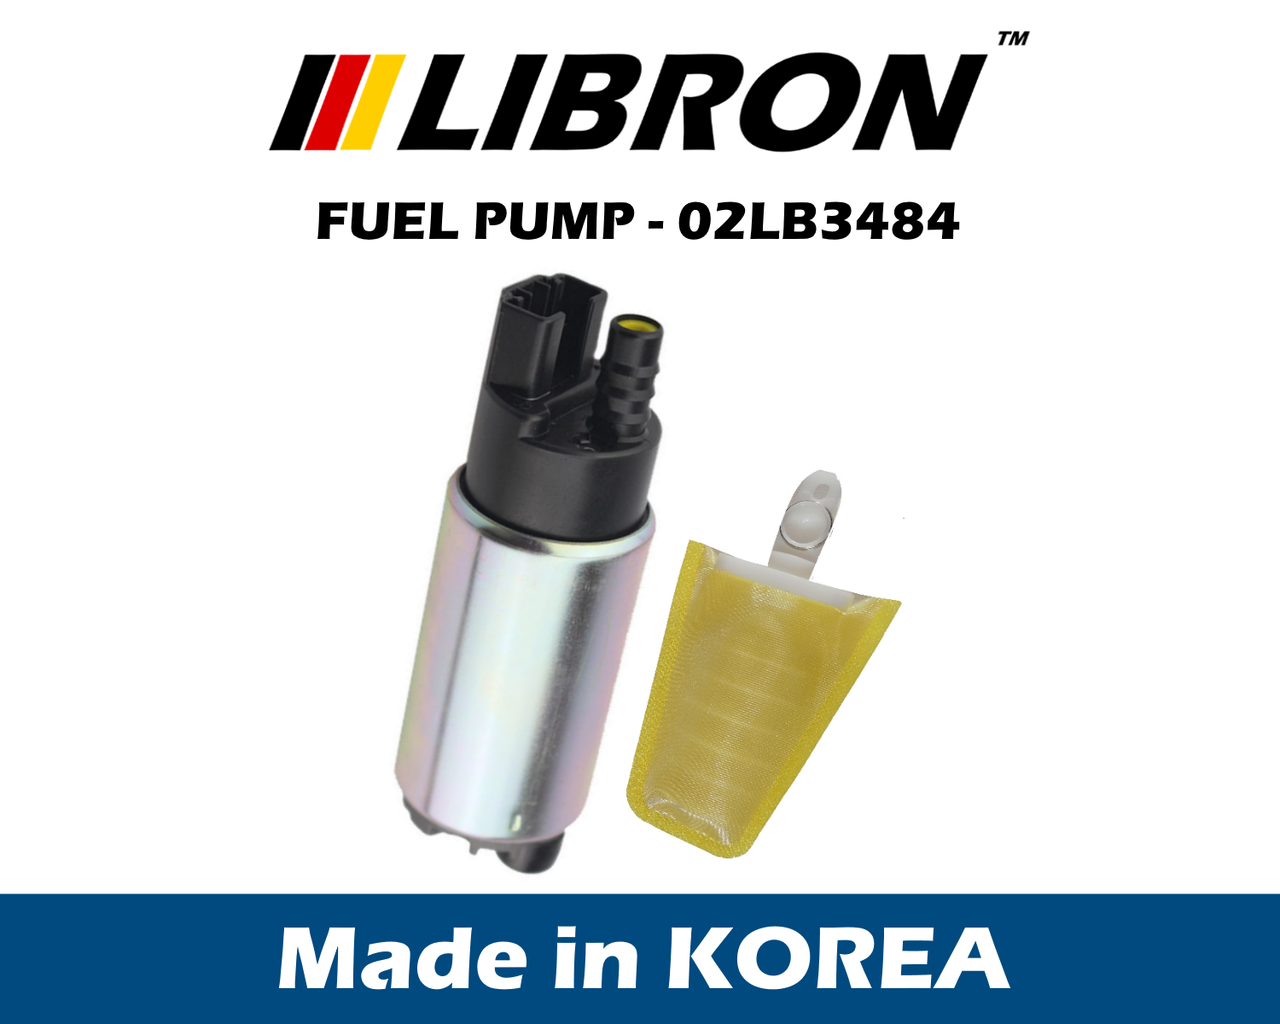 Топливный насос LIBRON 02LB3484 - Хюндай Соната Хендай IV